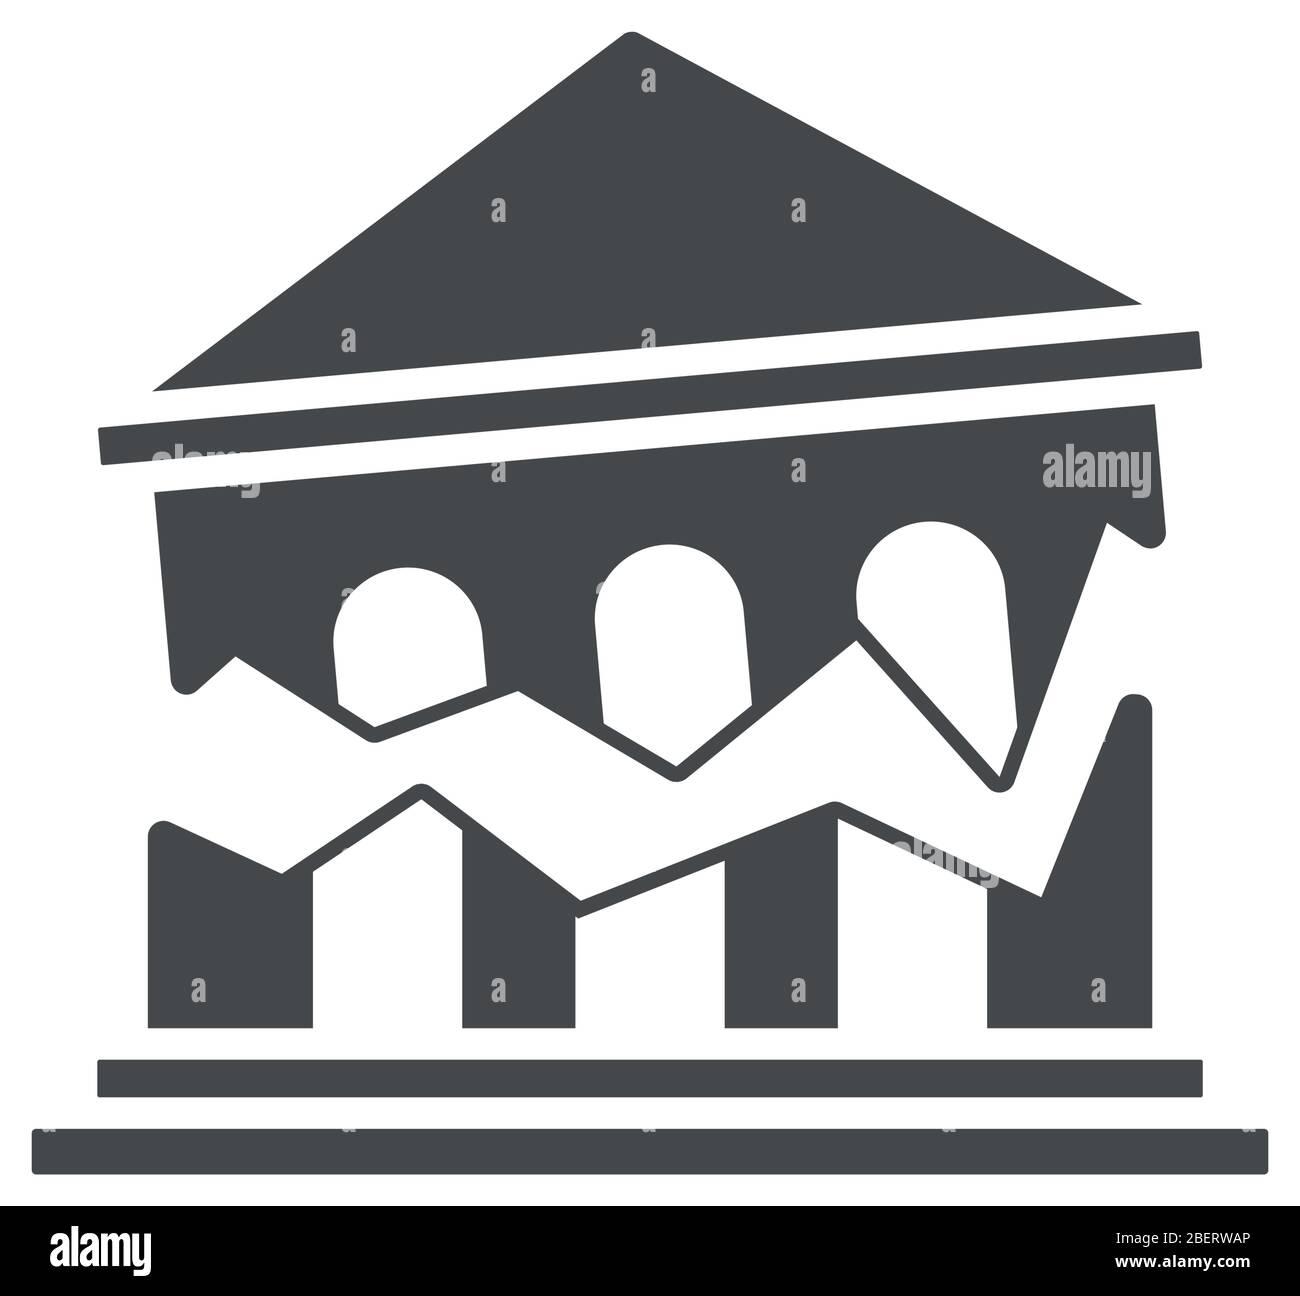 concept de rupture financière, icône de banque brisée sur fond blanc, style silhouette, illustration vectorielle Illustration de Vecteur